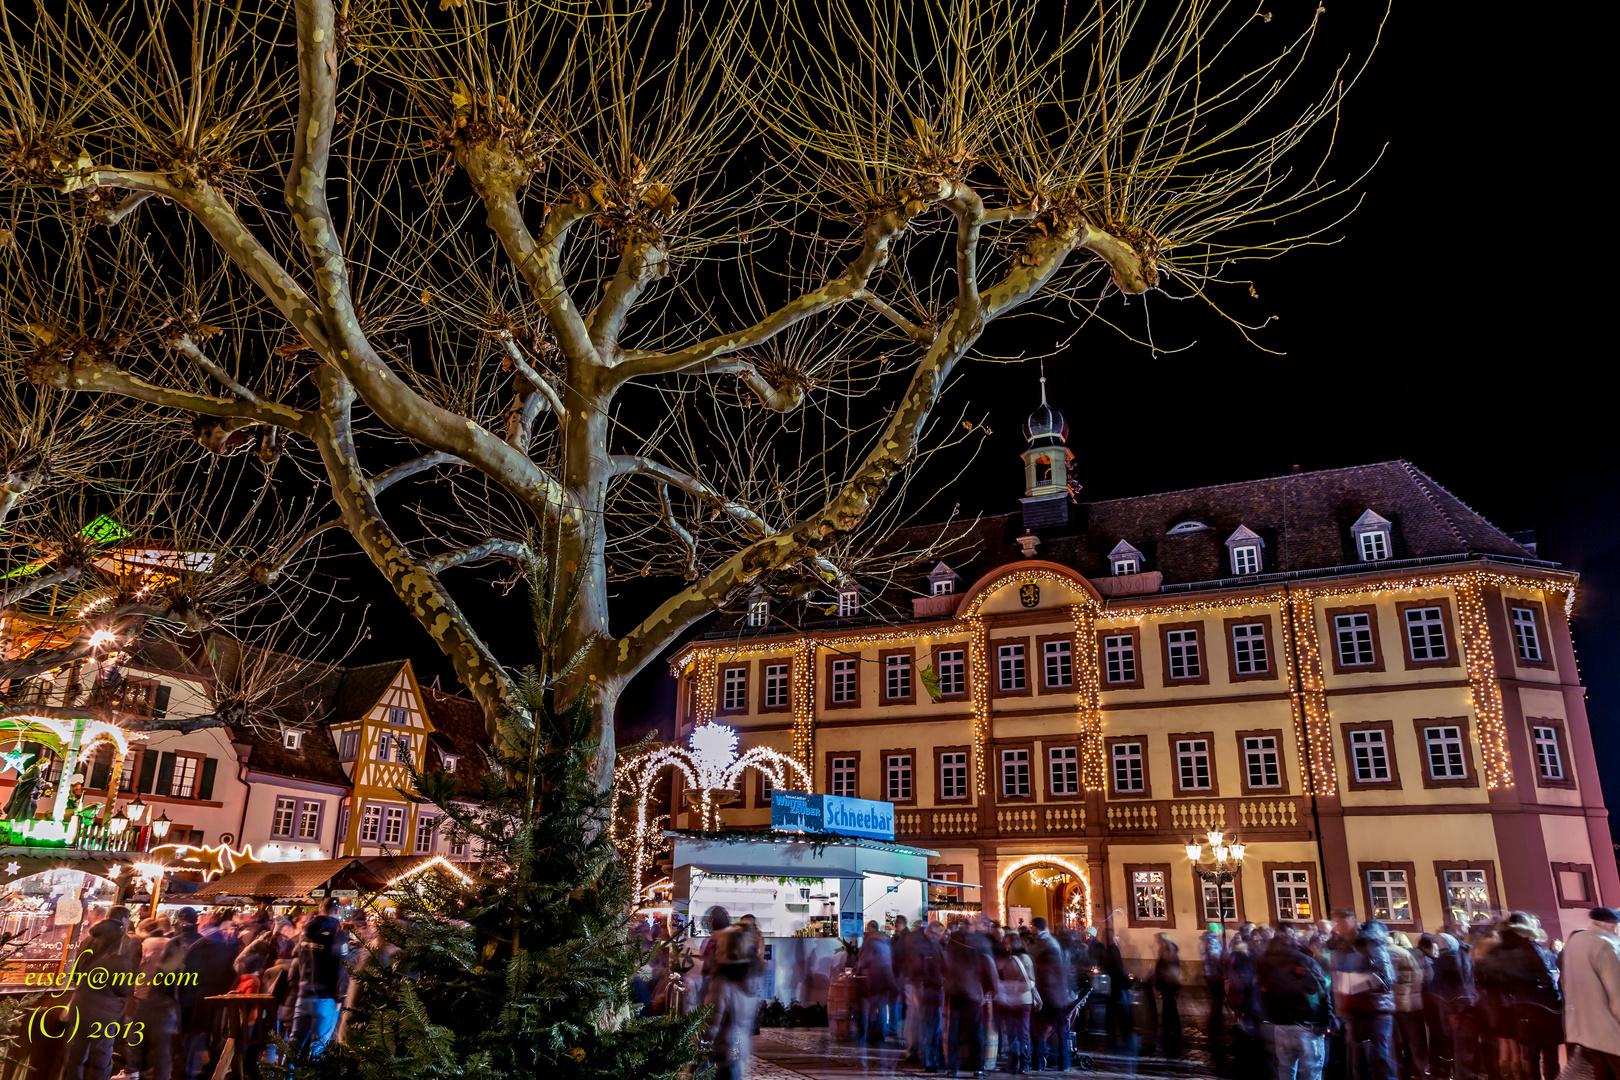 Weihnachtsmarkt 2013 In Neustadt An Der Weinstra E Foto